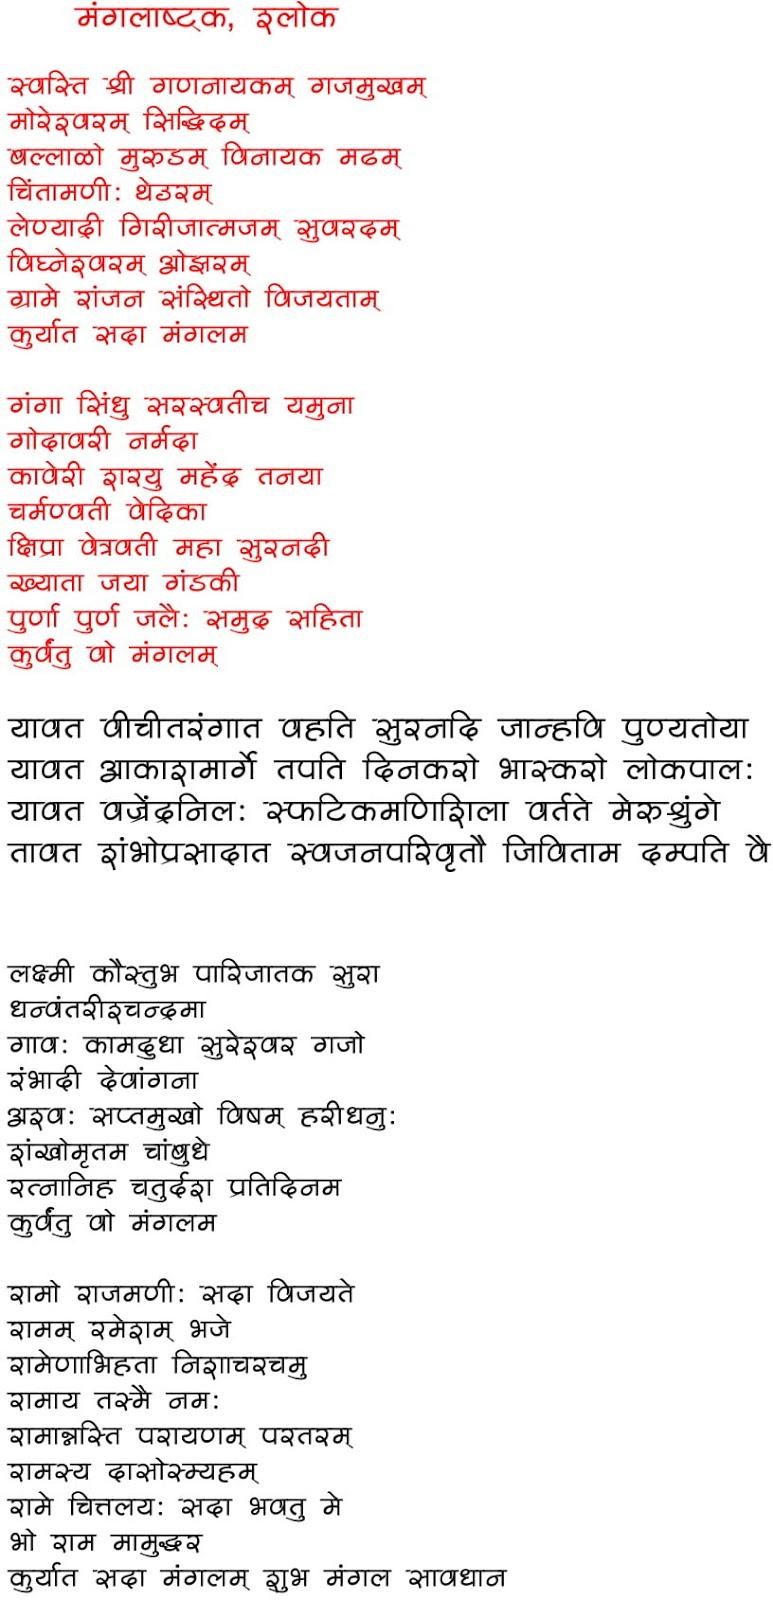 Tulsi vivah marathi wedding song youtube.